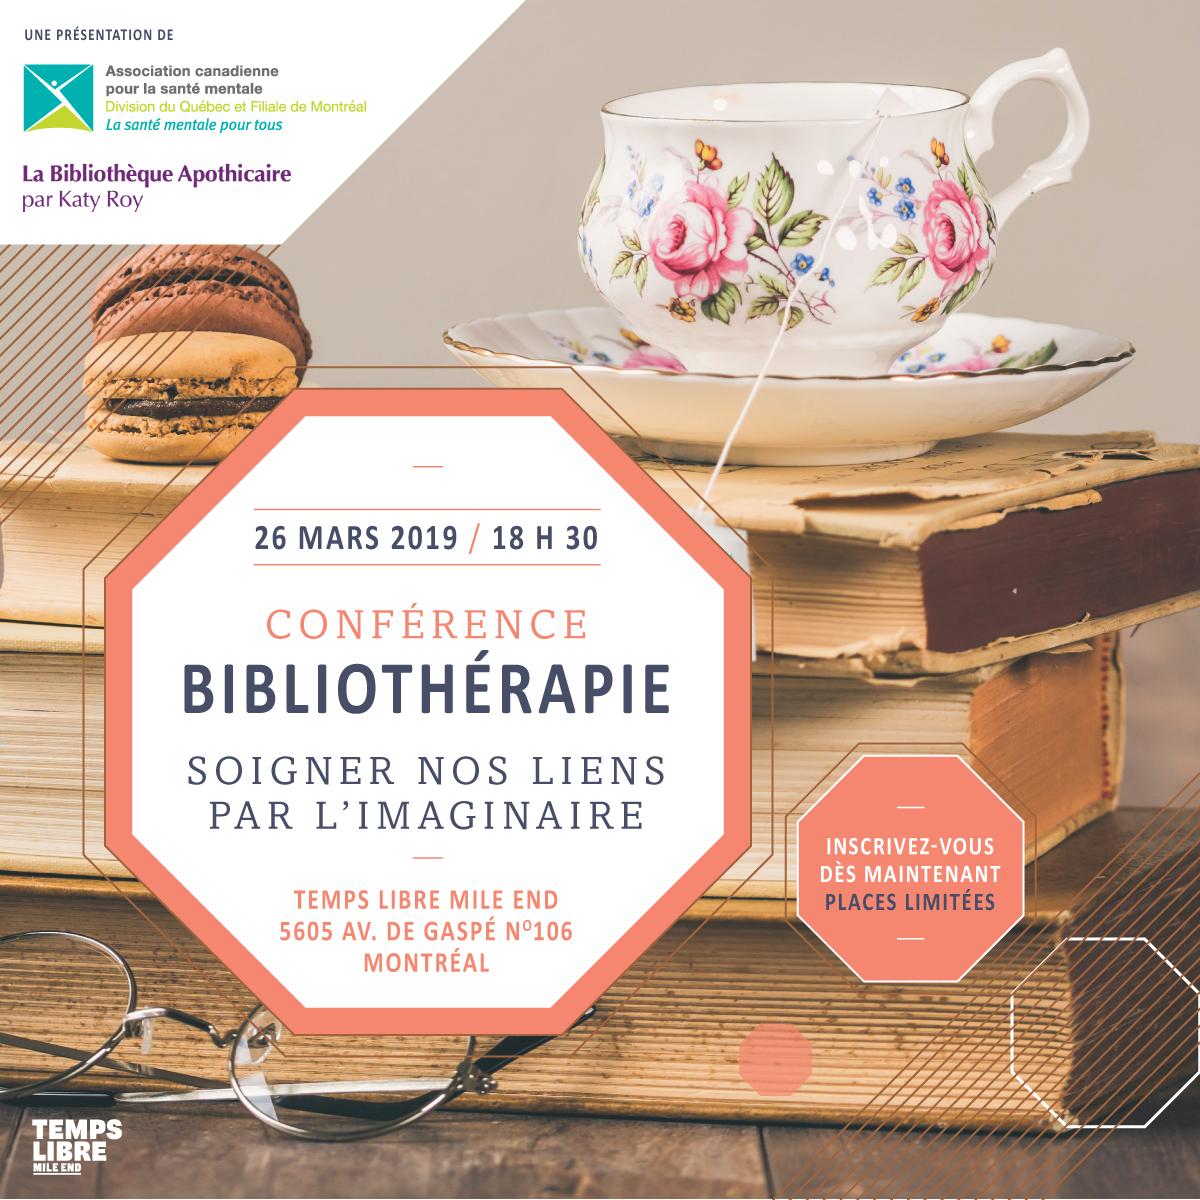 Bibliothérapie: Soigner nos liens par l'imaginaire